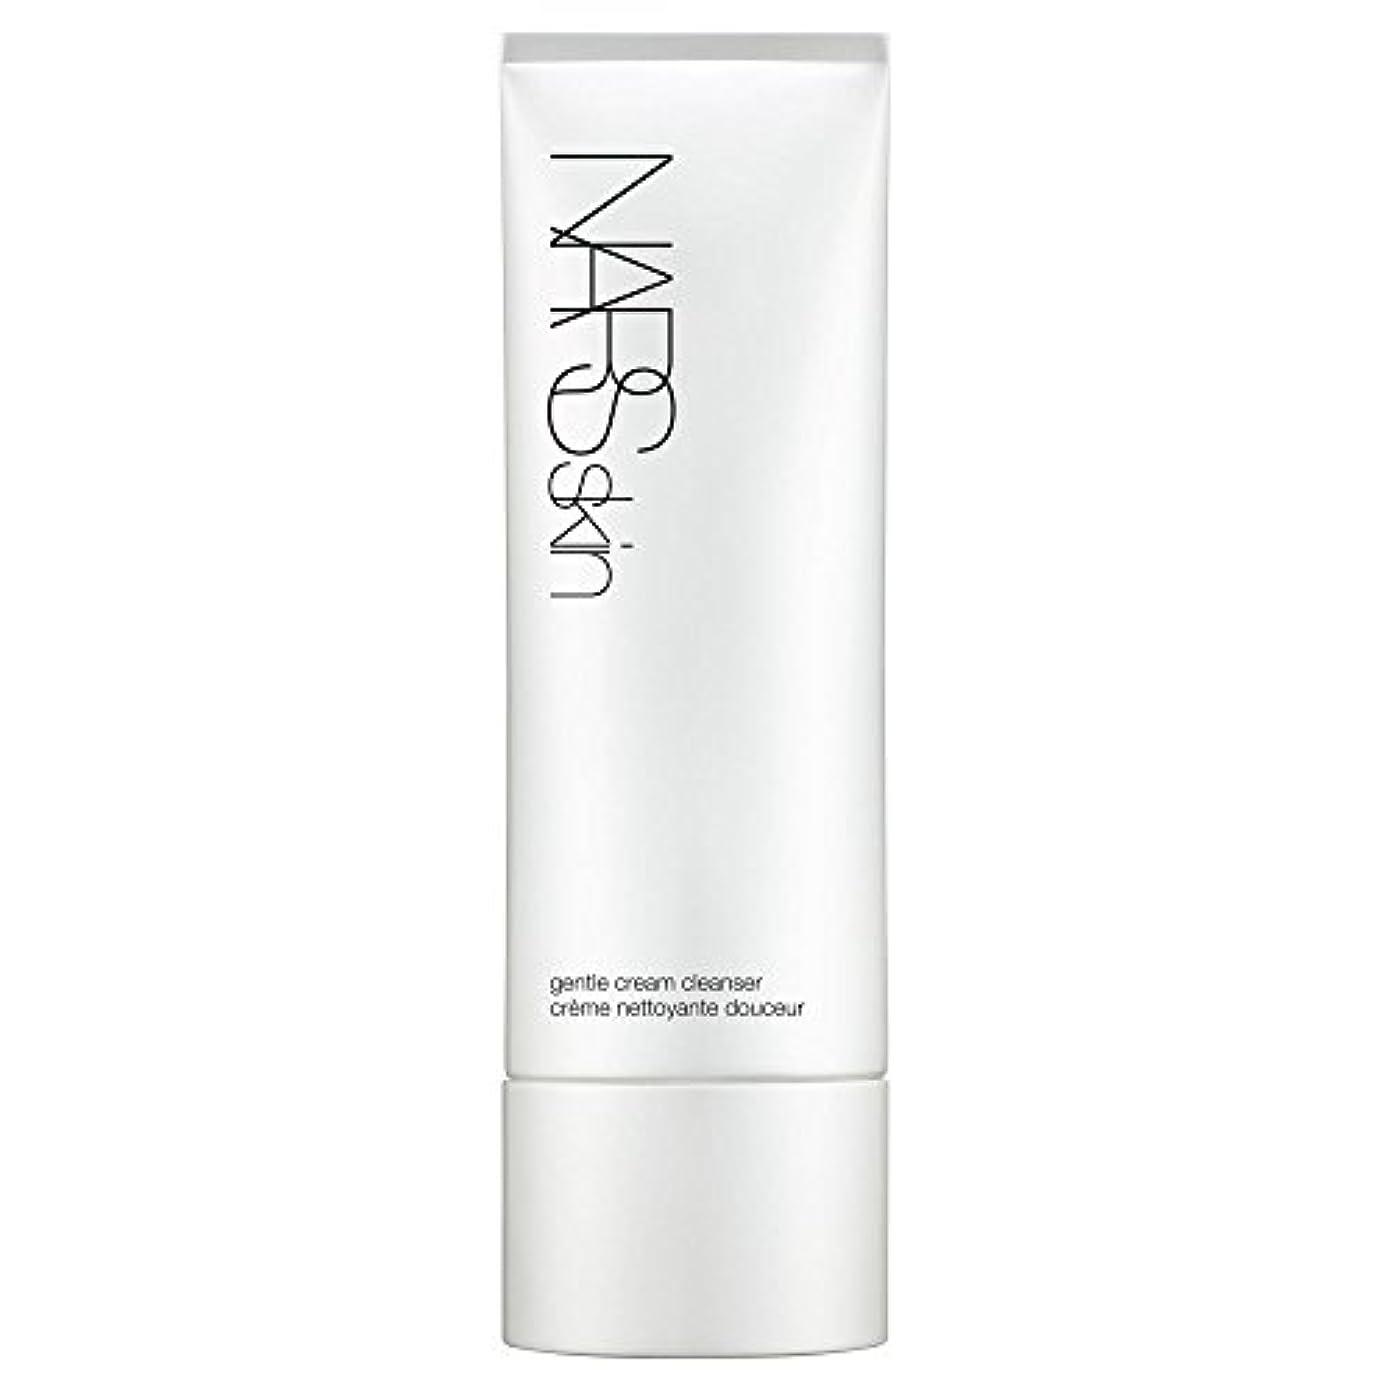 行商人悪意のあるジャベスウィルソン[NARS] Narsskin優しいクリームクレンザー、125ミリリットル - Narsskin Gentle Cream Cleanser, 125ml [並行輸入品]